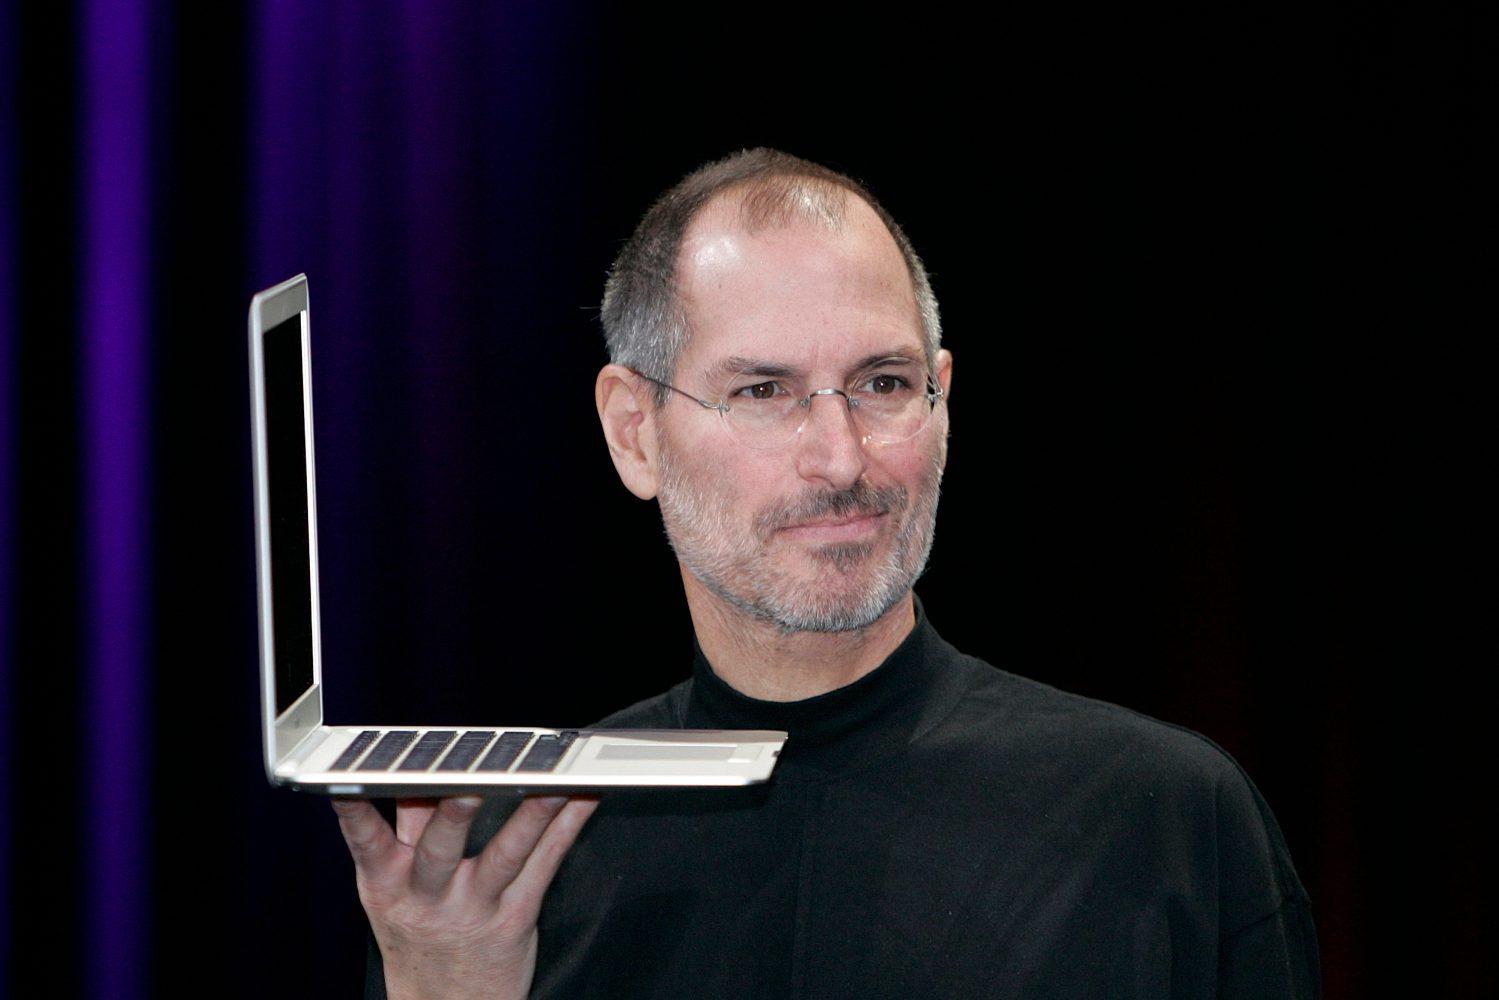 12 правил успеха от Стива Джобса - фото 3